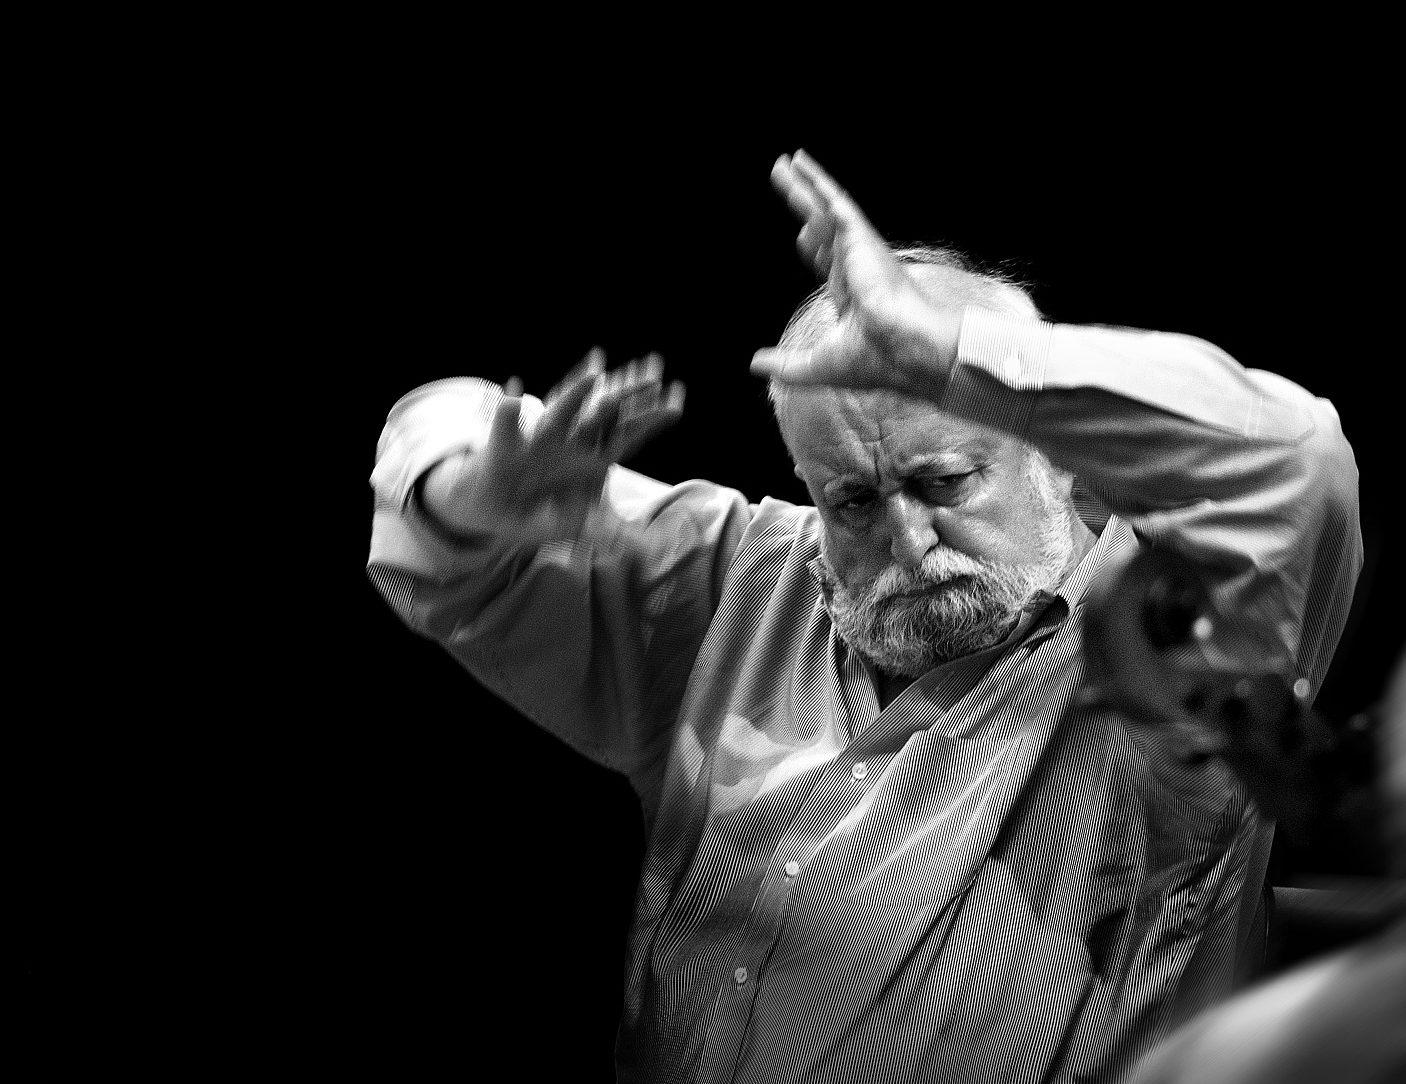 Krzysztof Penderecki dyryguje orkiestrą na Europejskim Kongresie Kultury 2011